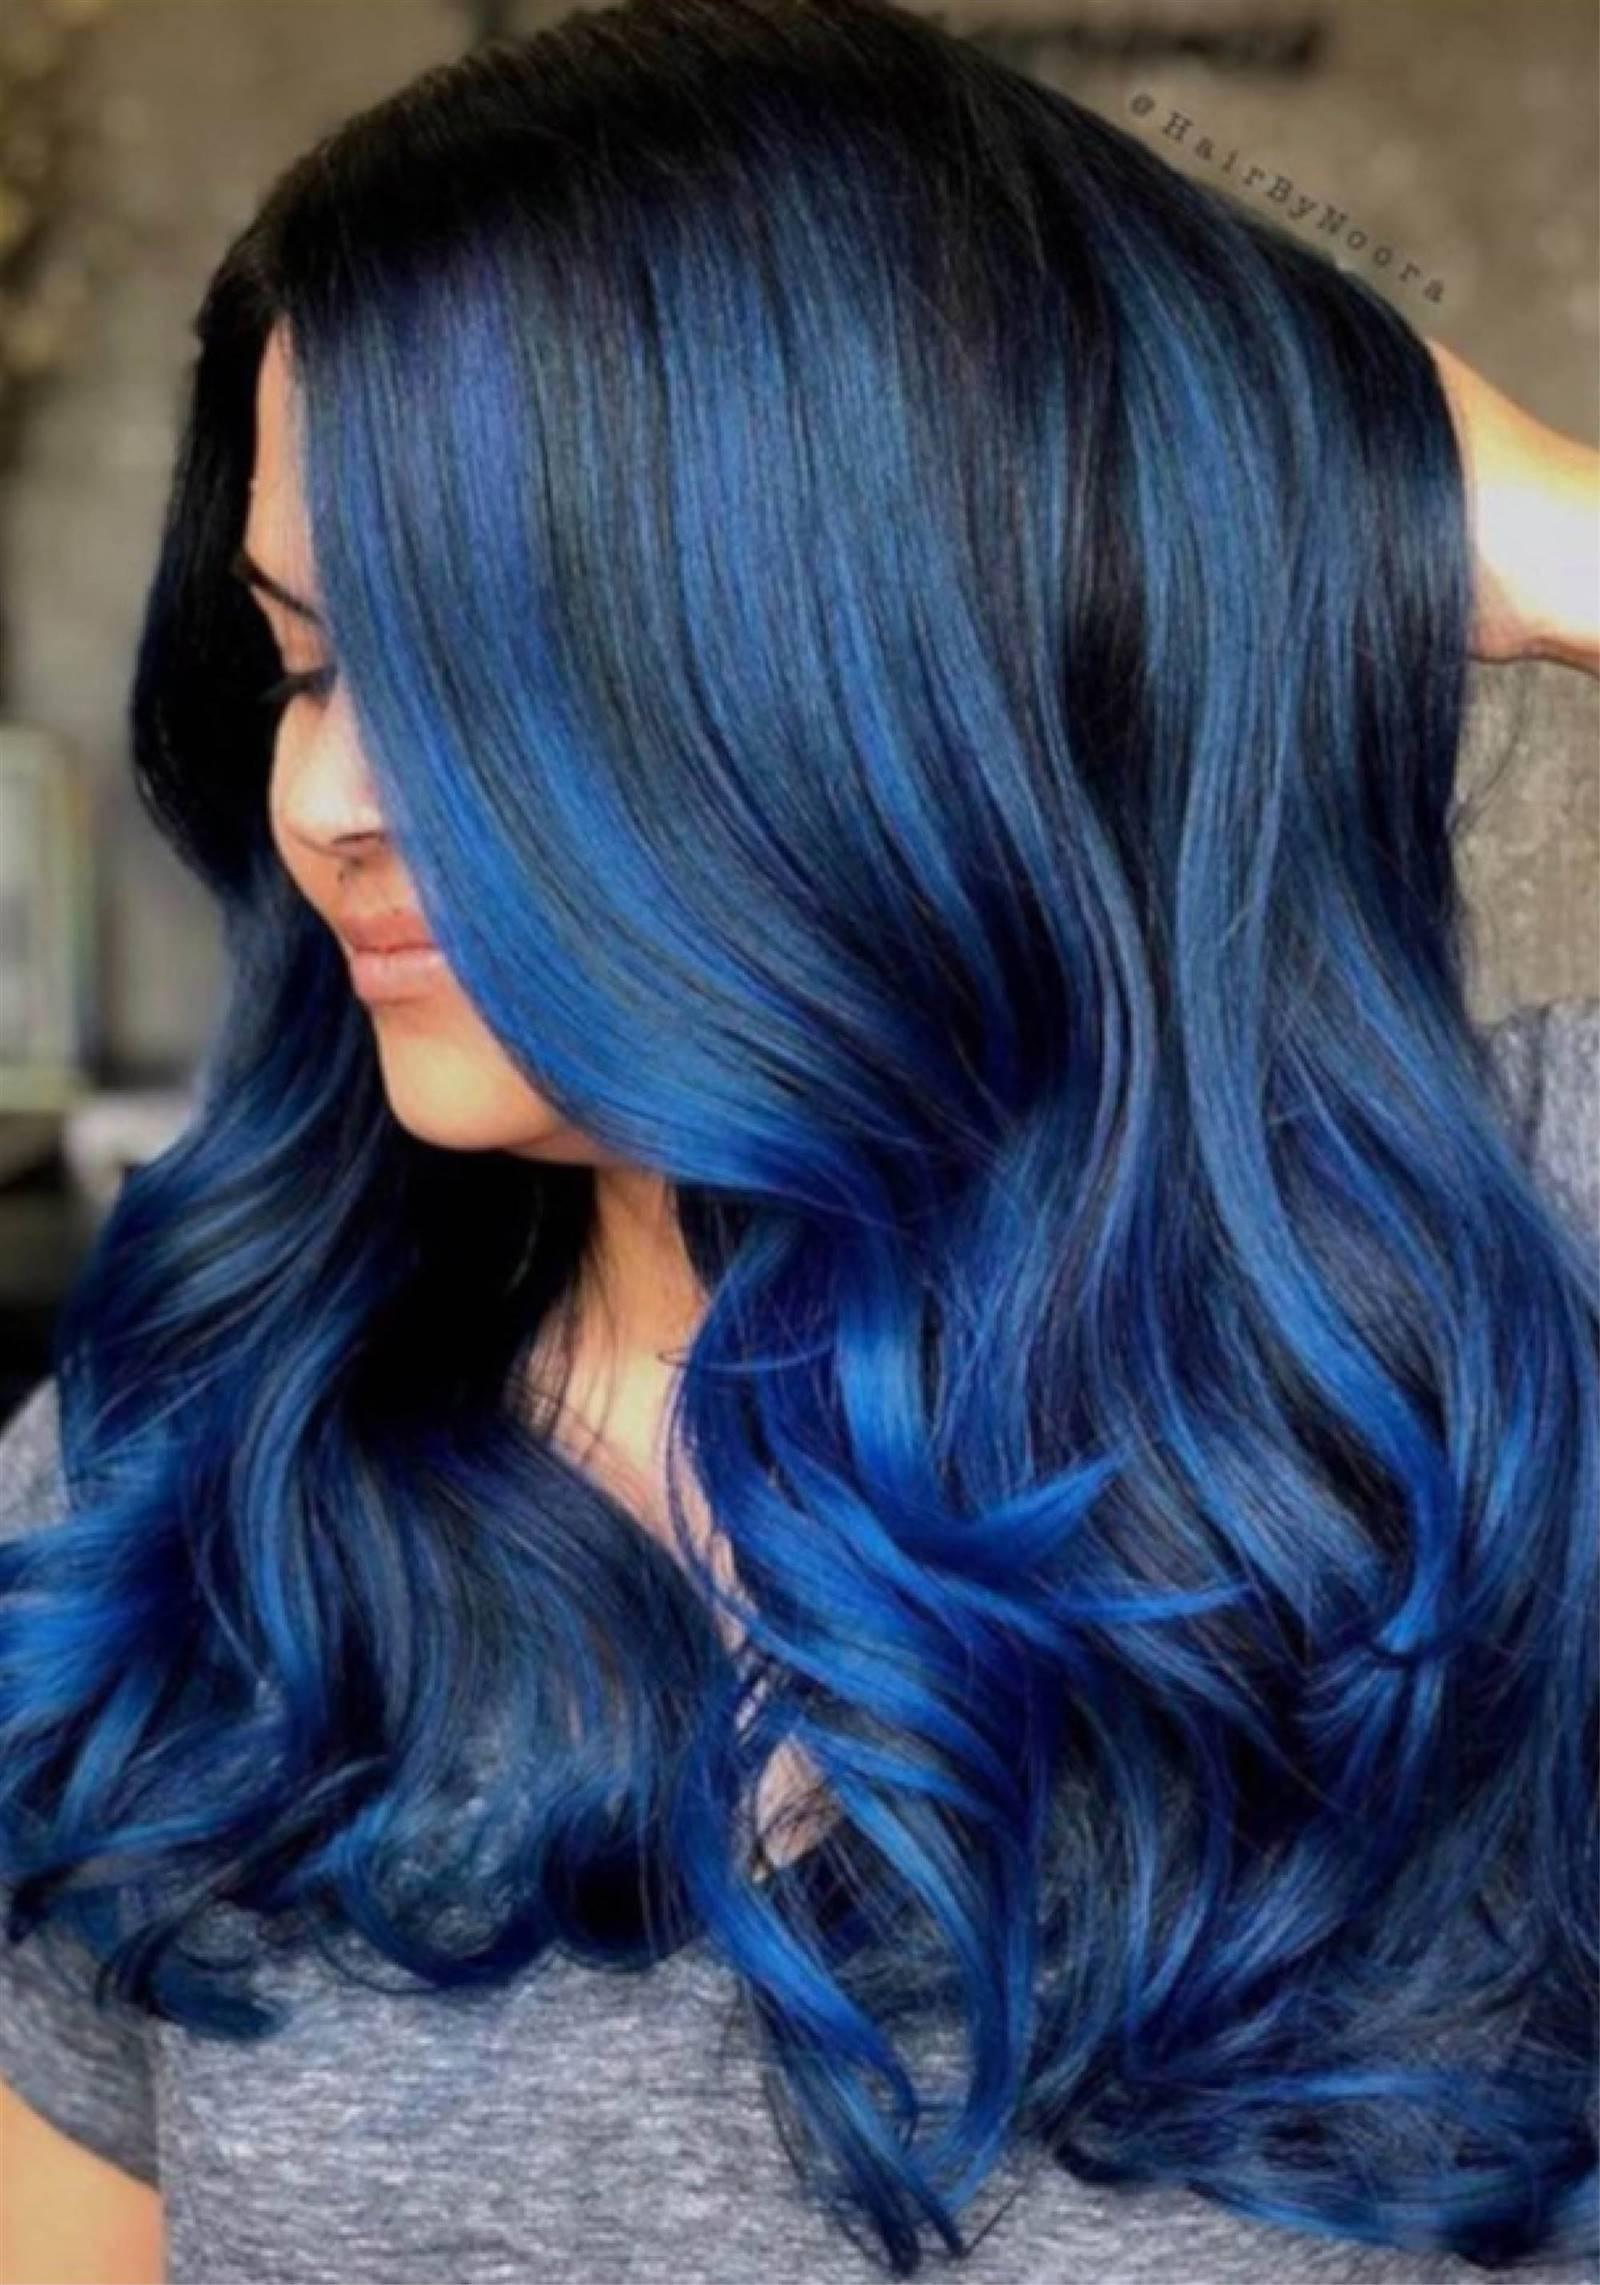 Cabello azul degradado